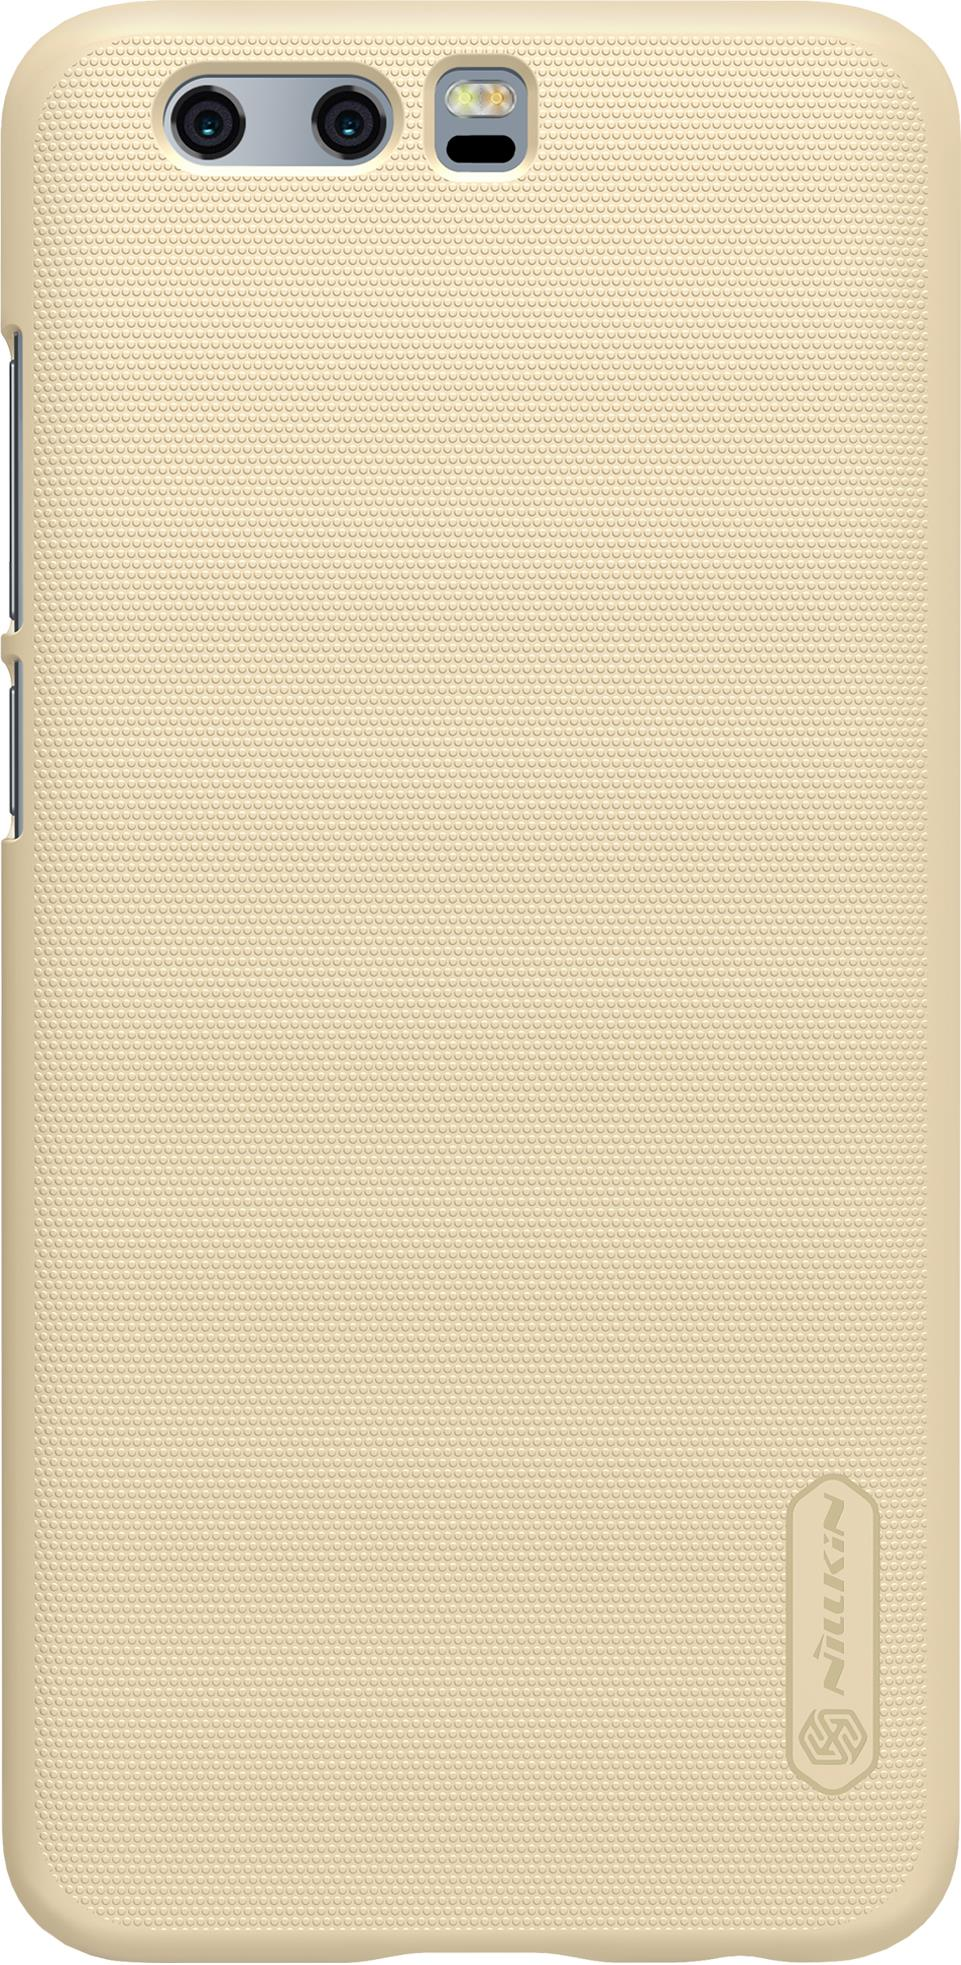 цена на Чехол для сотового телефона Nillkin T-N-HH9-002, золотой